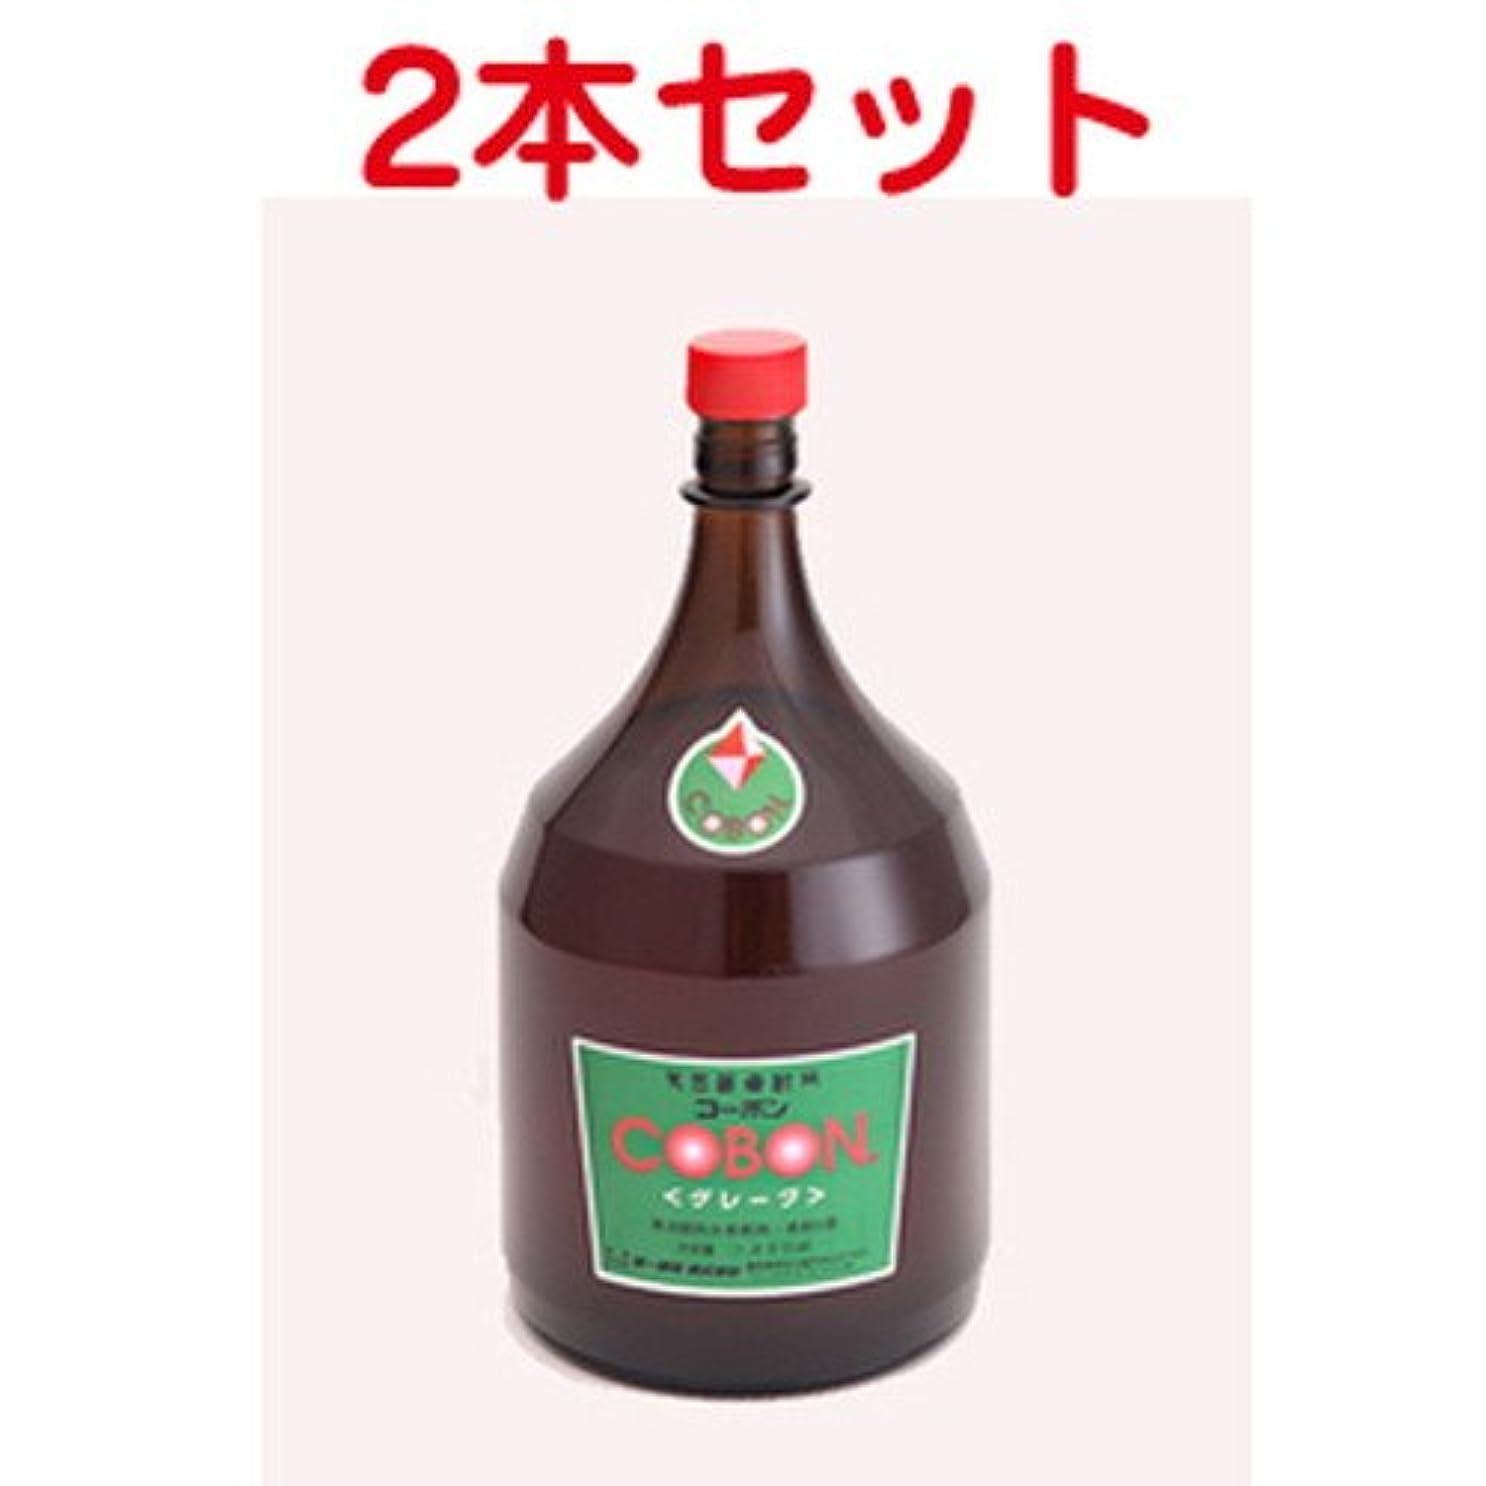 オアシスバレルコーボン?ぶどう味 徳用サイズ1800ml×2本セット+お楽しみサンプル3袋セット